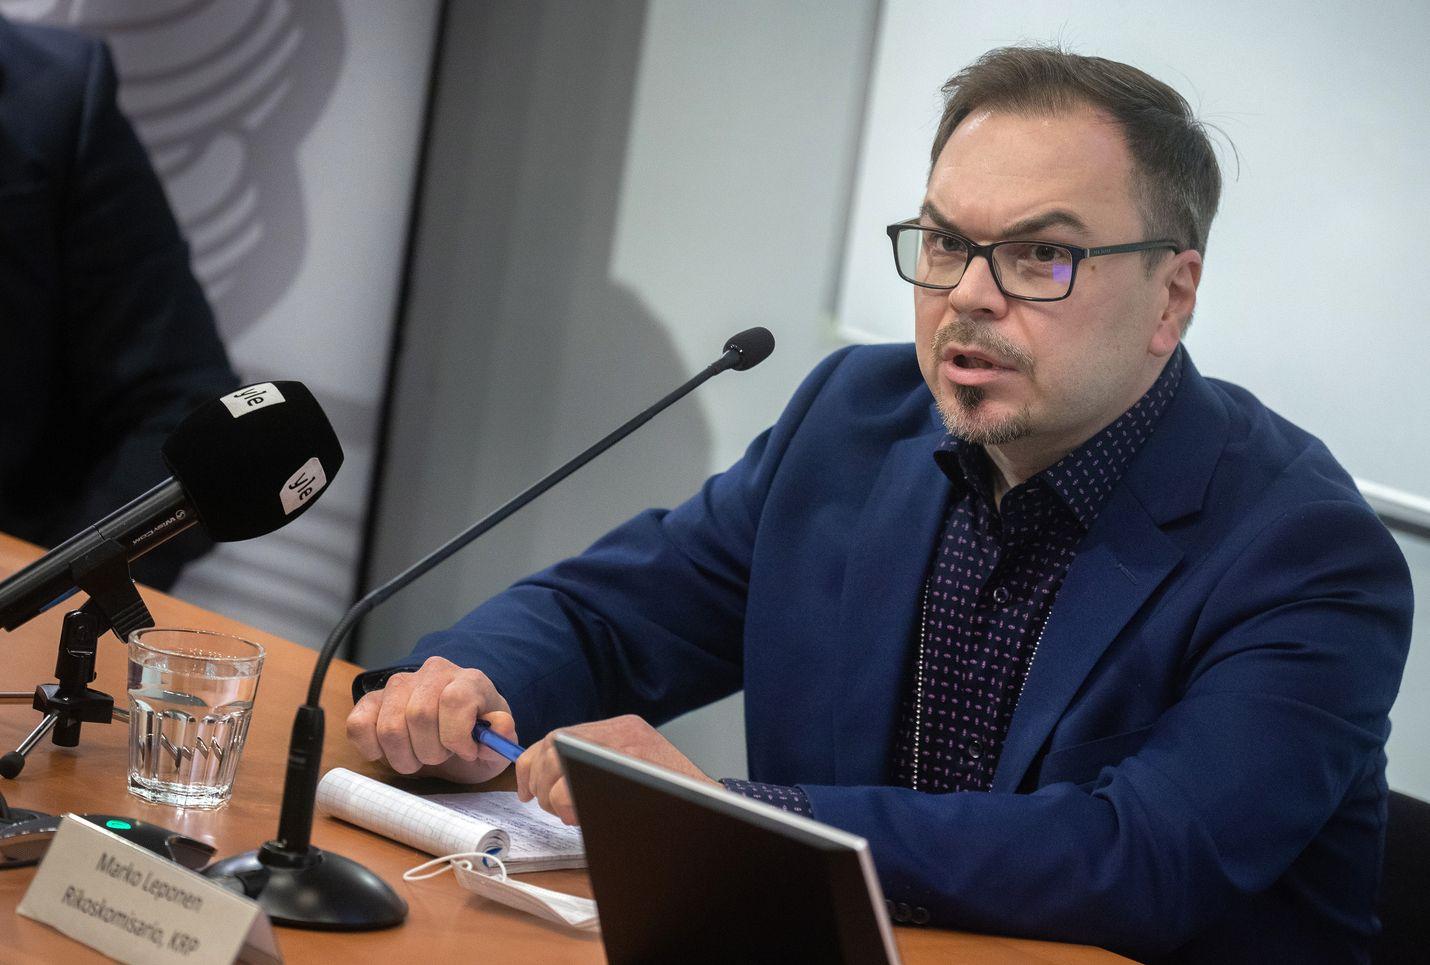 Vastaamo-tapauksen tutkinnanjohtaja, Keskusrikospoliisin rikoskomisario Marko Leponen kertoo, että poliisi pyysi Vastaamoa olemaan aluksi kertomatta tietomurrosta ja kiristyksestä rikostutkinnallisten syiden vuoksi.